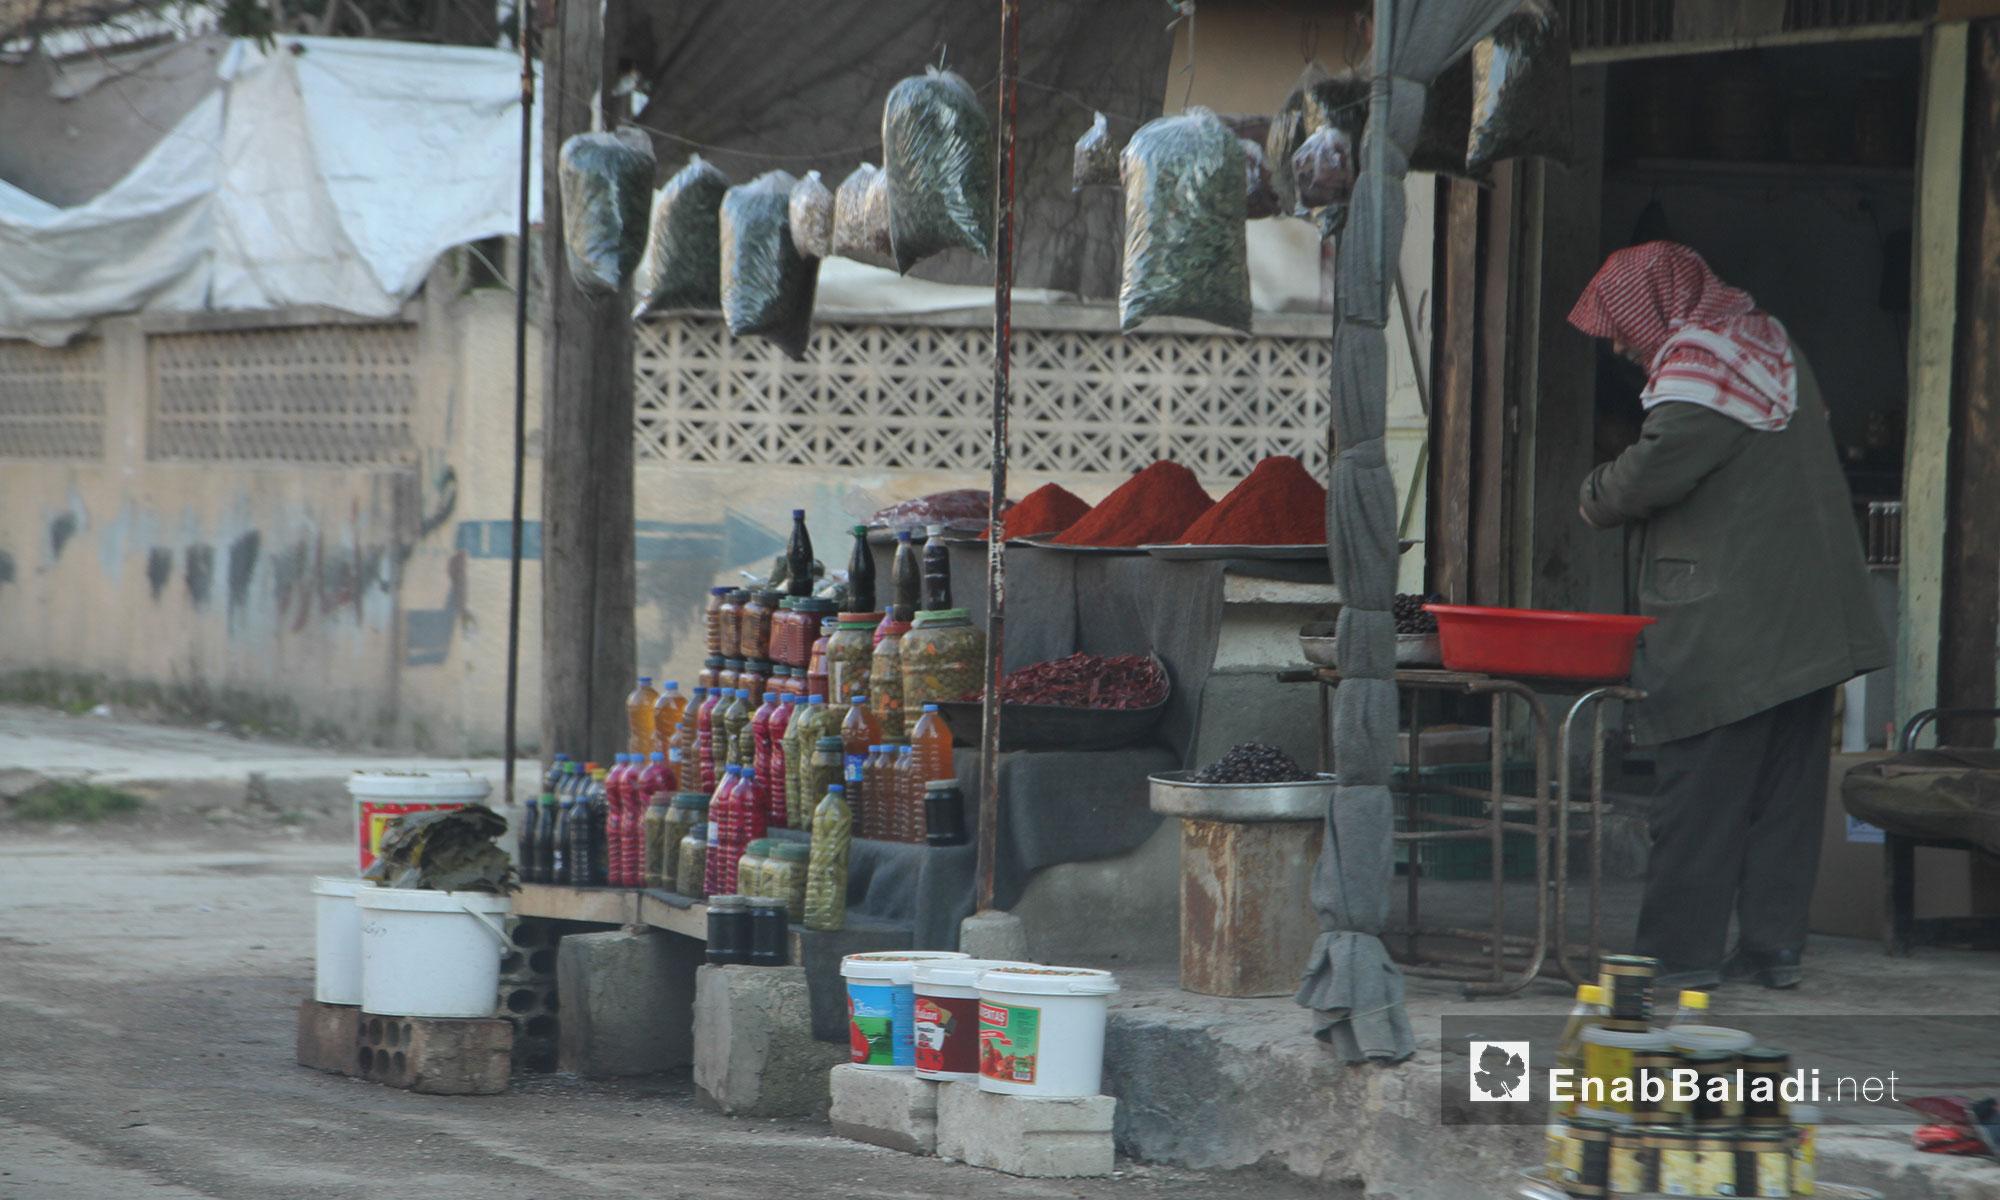 بائع مخللات في مدينة إدلب - 9 شباط 2017 (عنب بلدي)